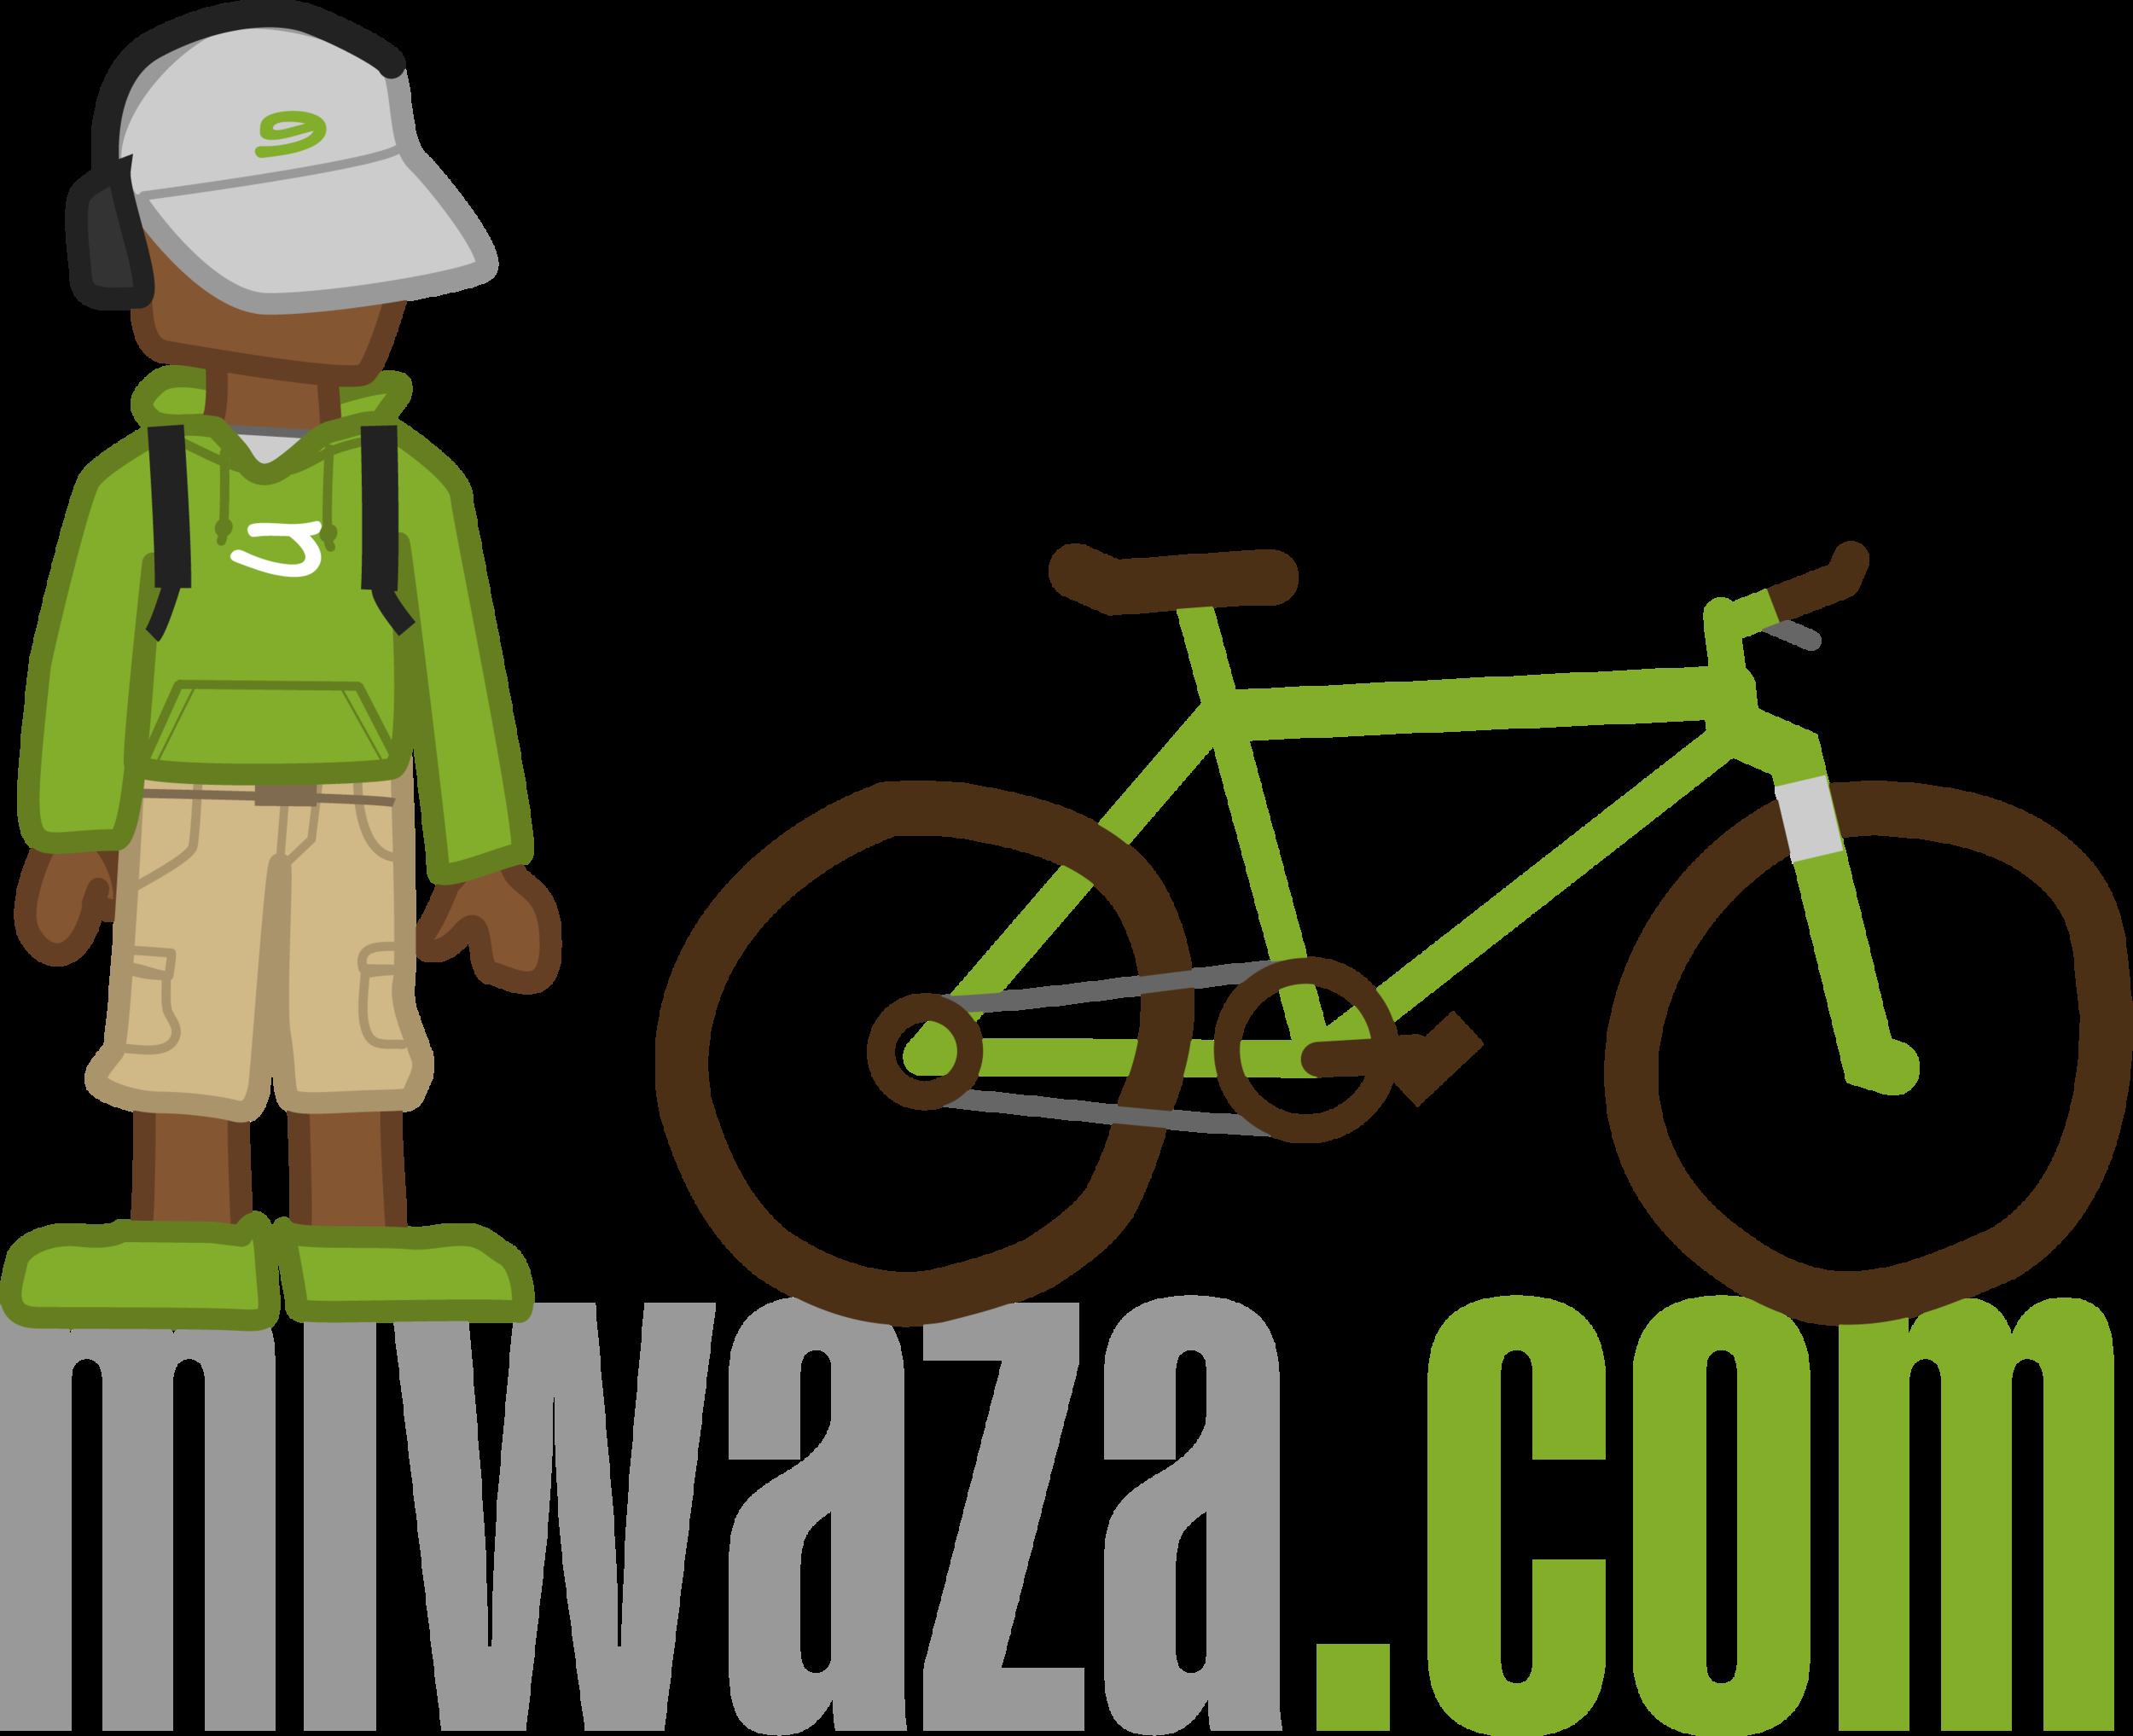 miwazacom boy edited.png